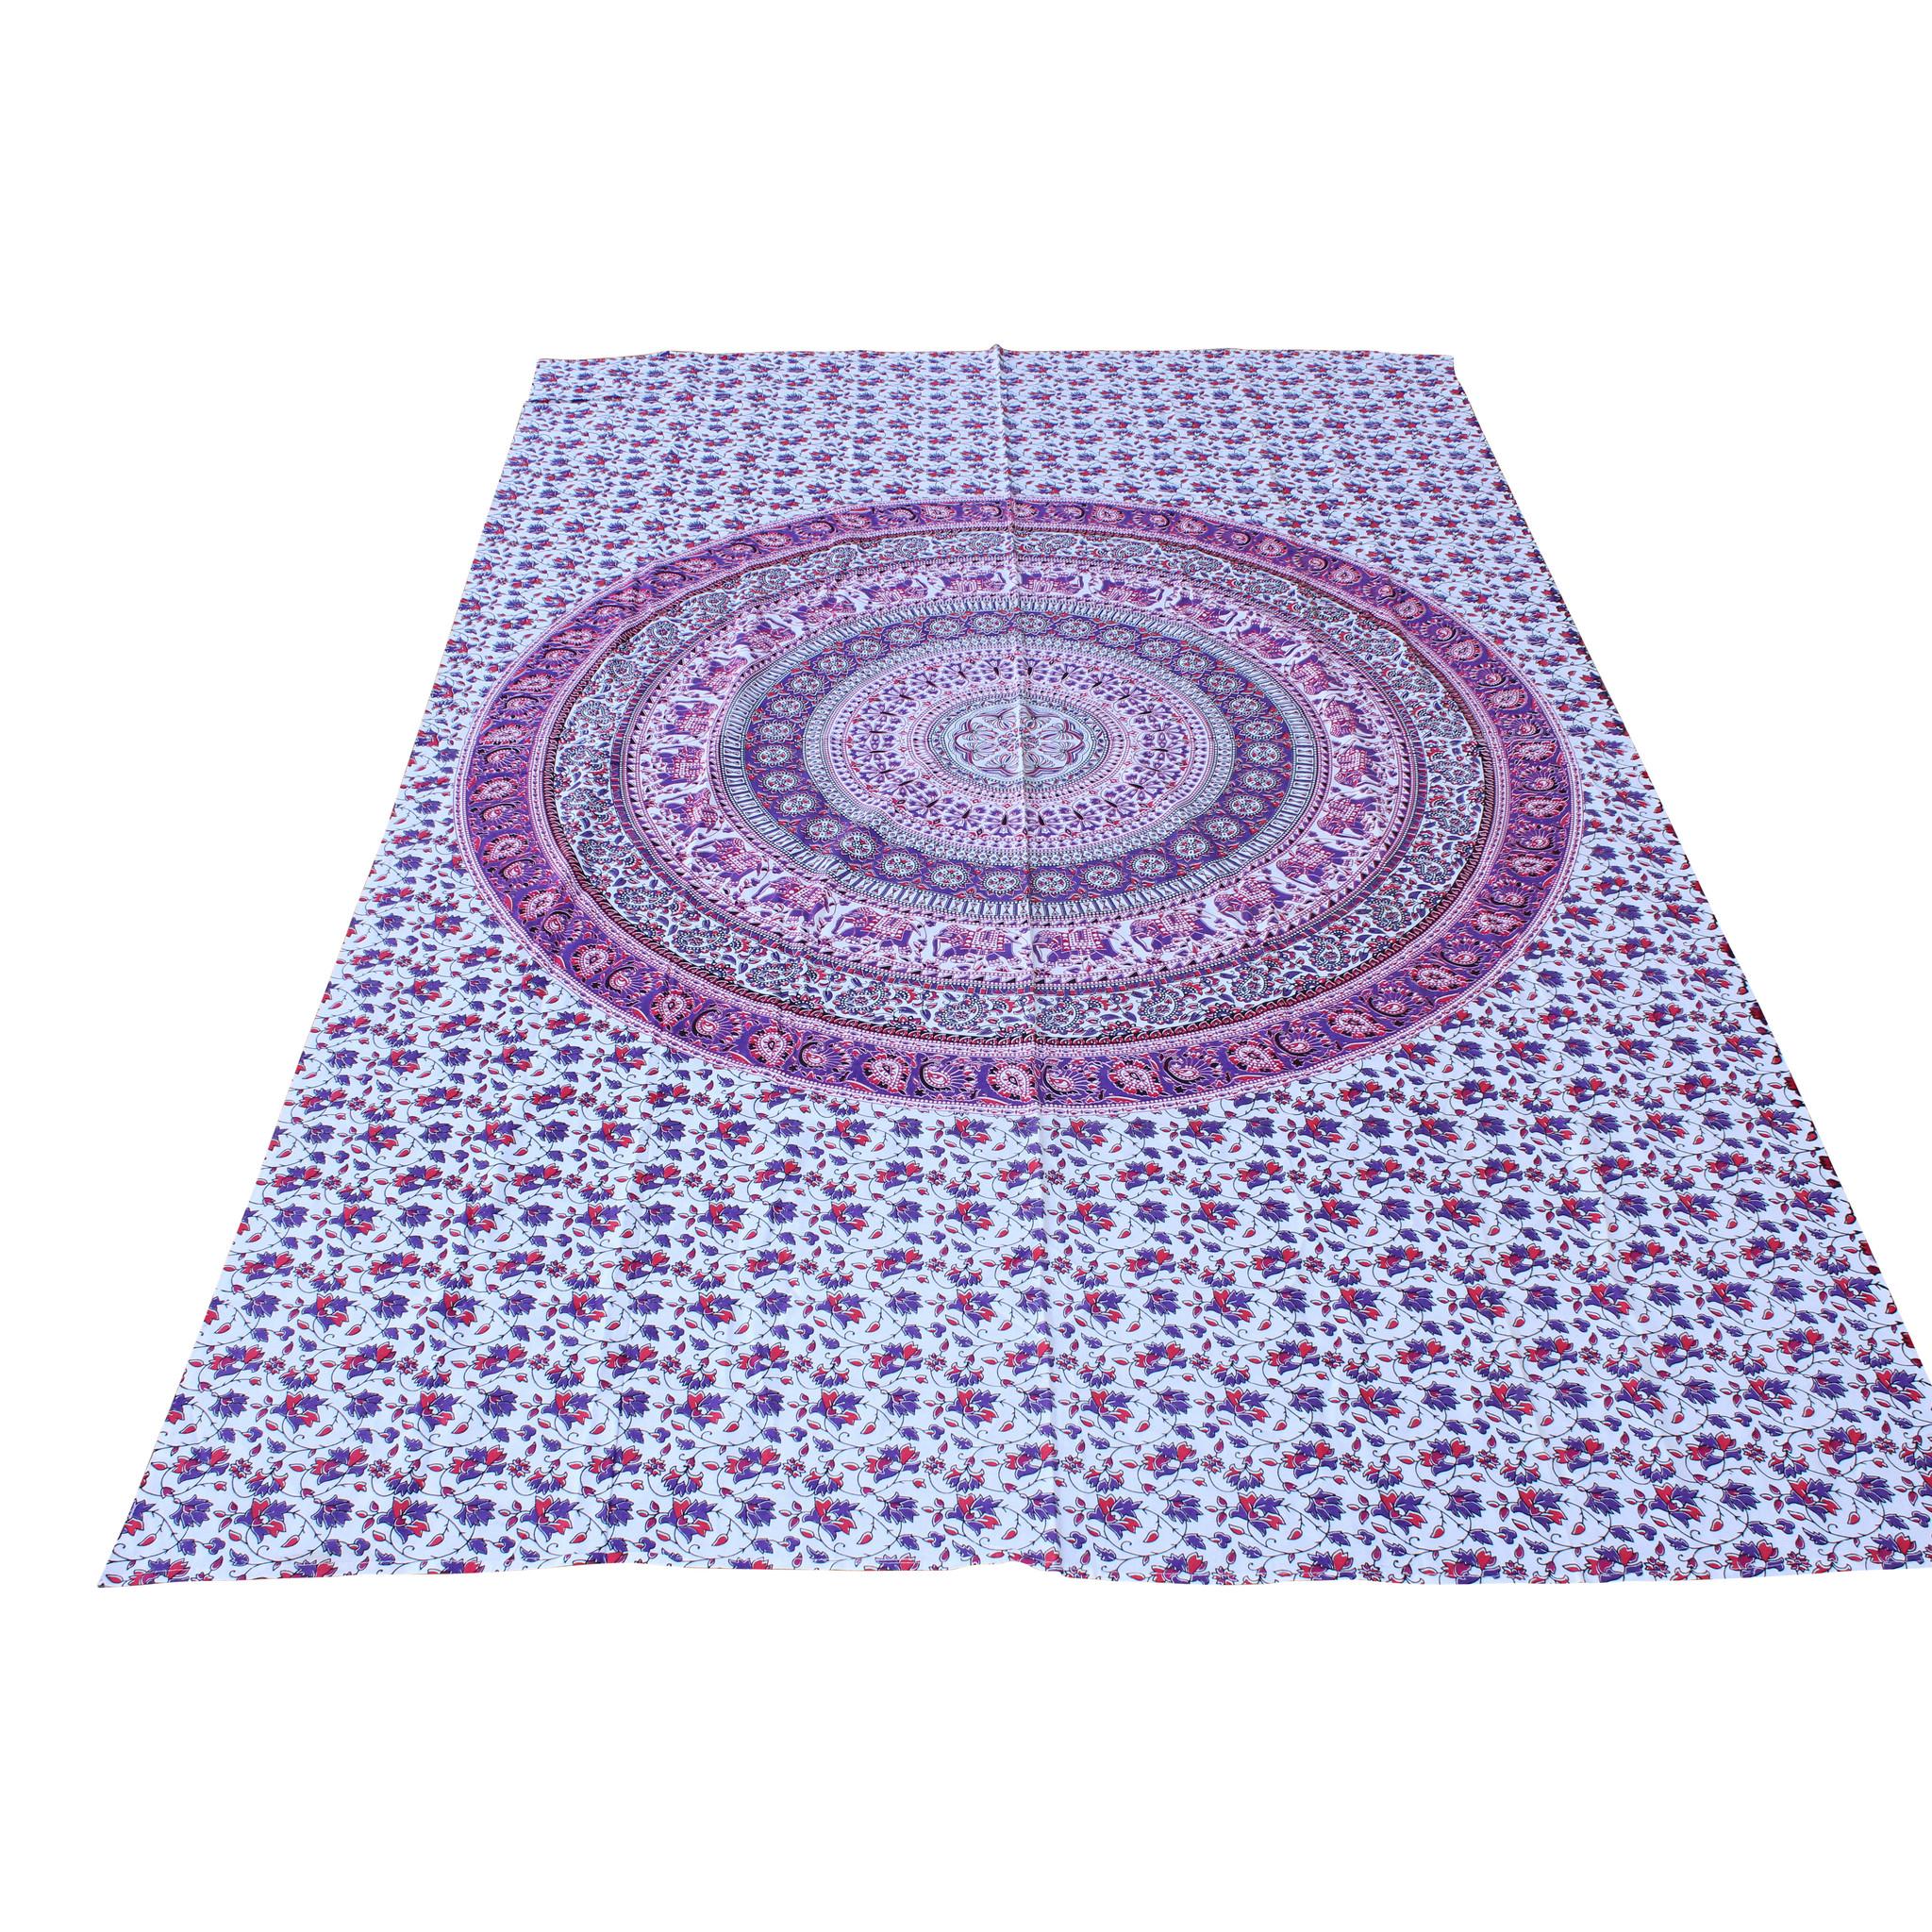 Myroundie Myroundie – roundie  - rechthoekig strandlaken – strandkleed - yoga kleed - picknickkleed - speelkleed - muurkleed - 100% katoen  - 140 x 210 cm - 843